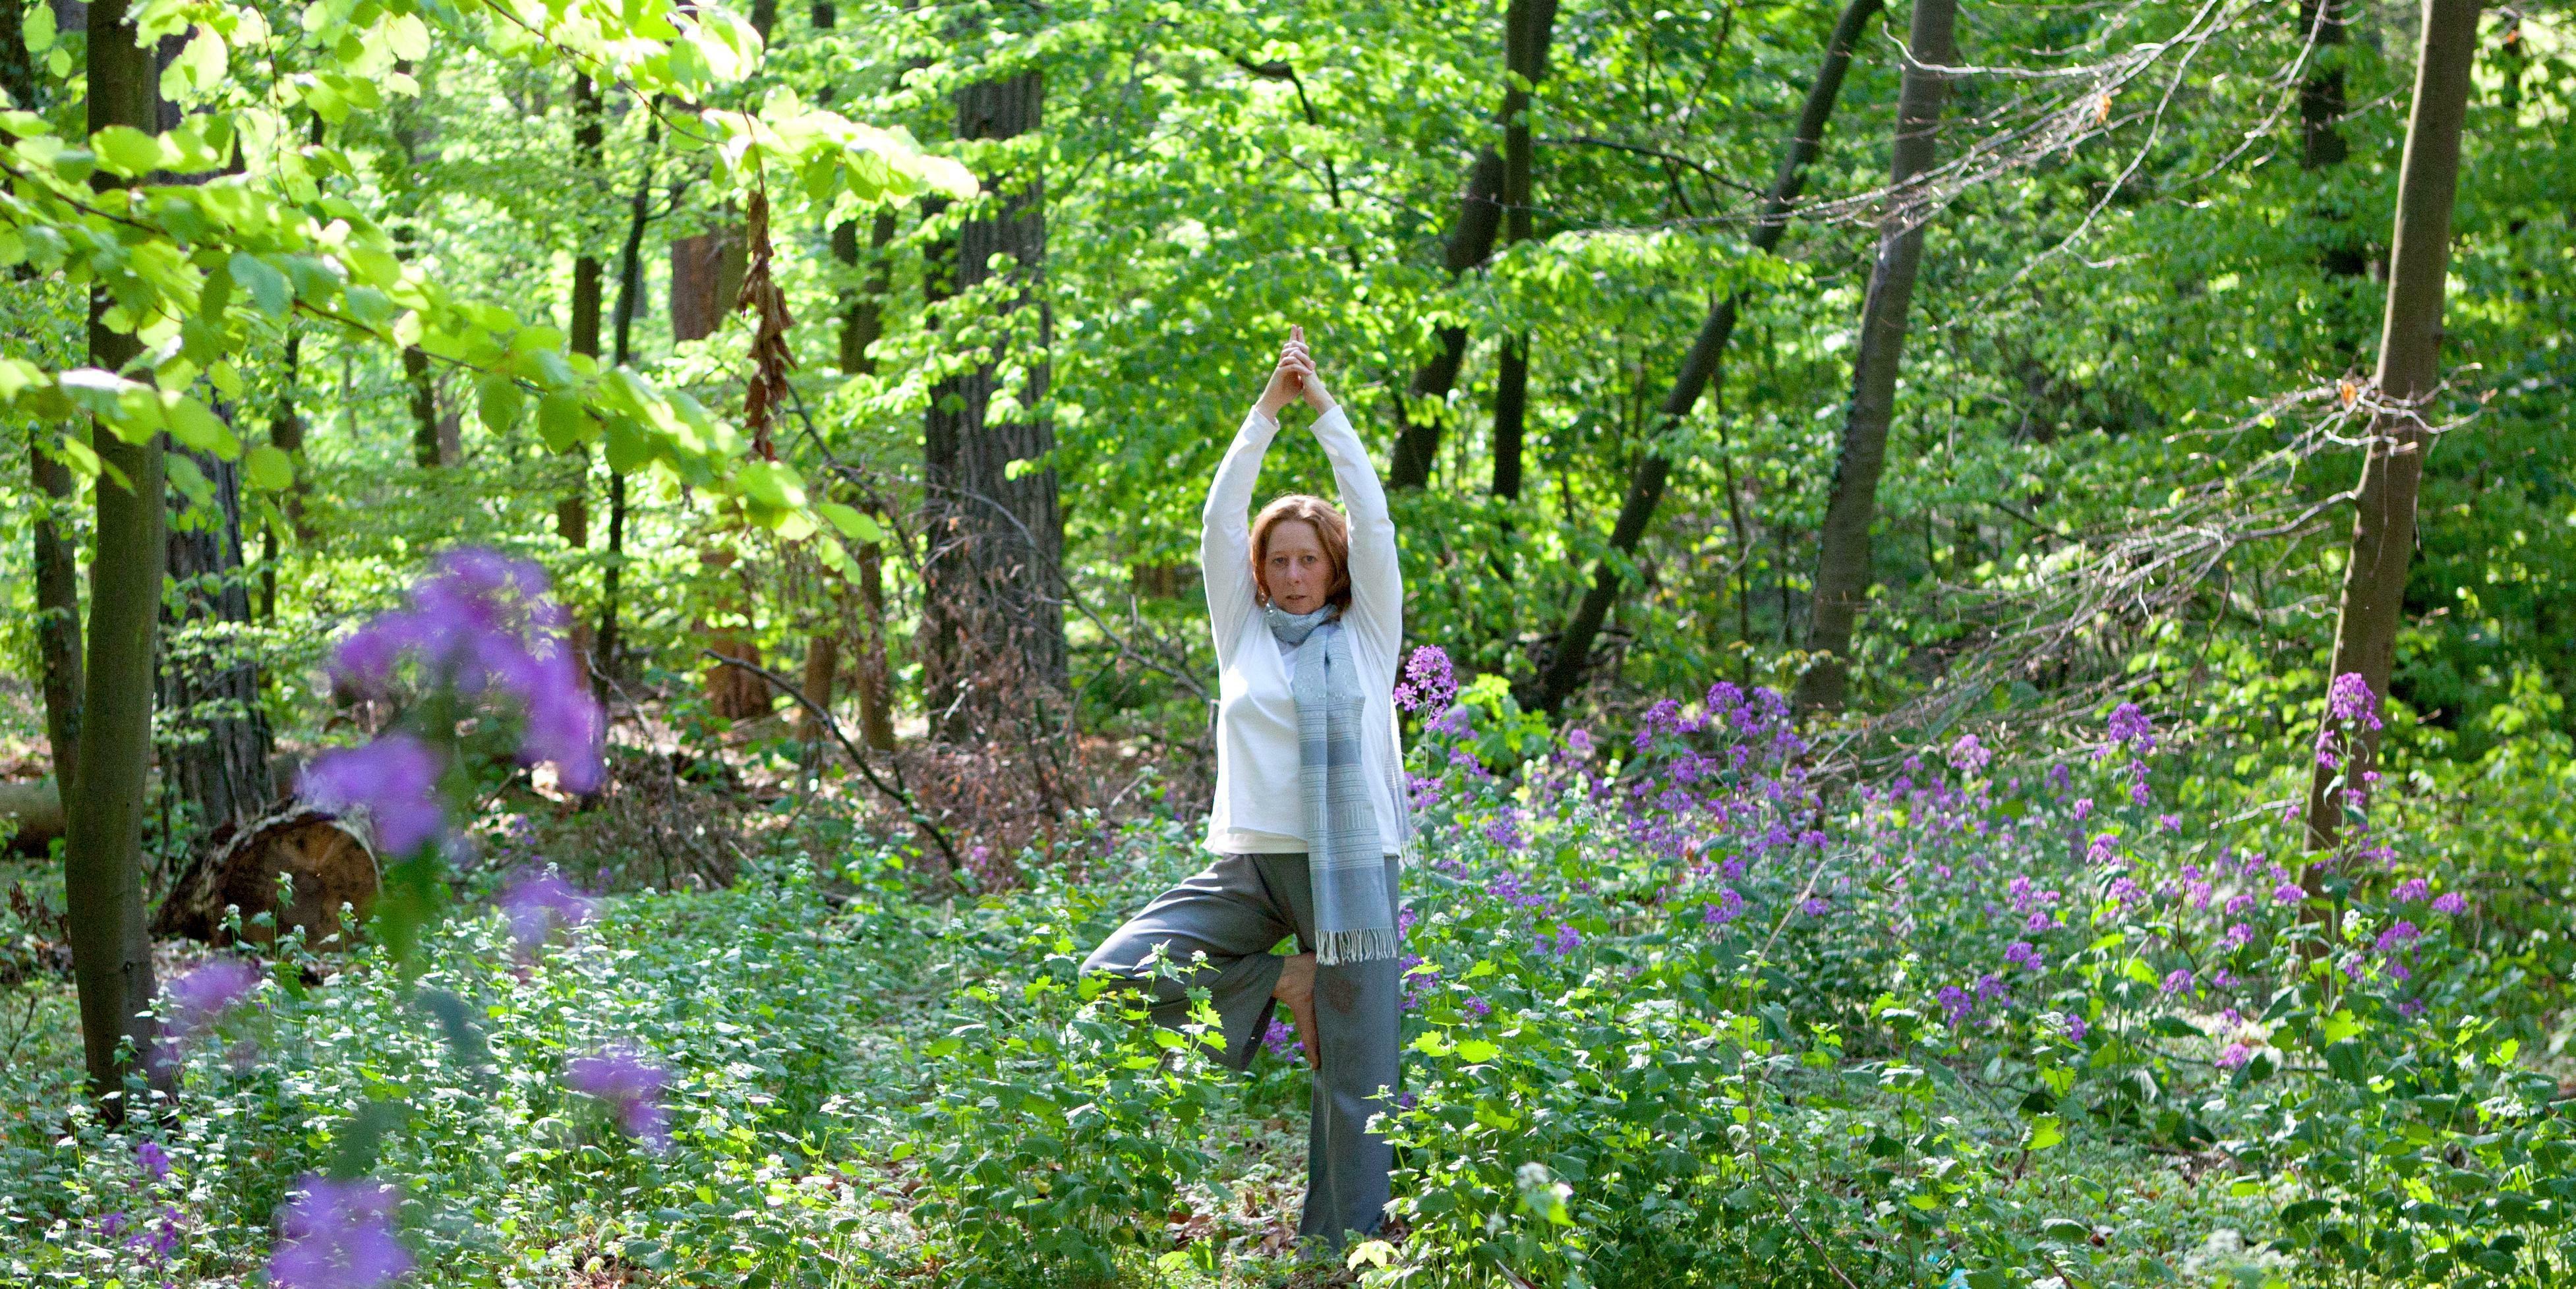 Yoga Mainz - Yoga im Freien